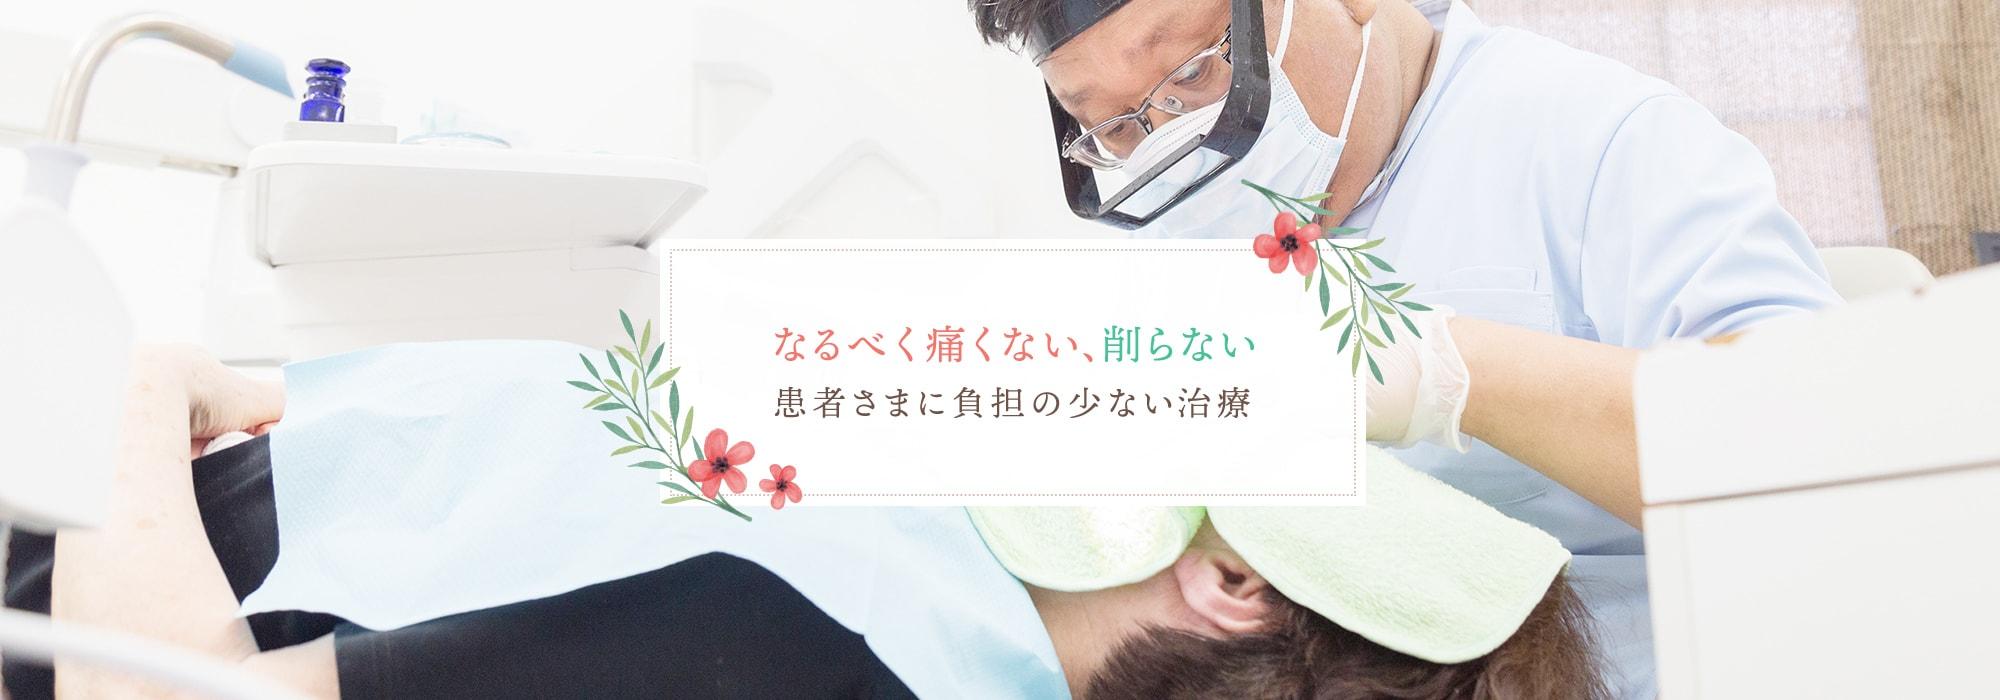 なるべく痛くない、削らない患者さまに負担の少ない治療